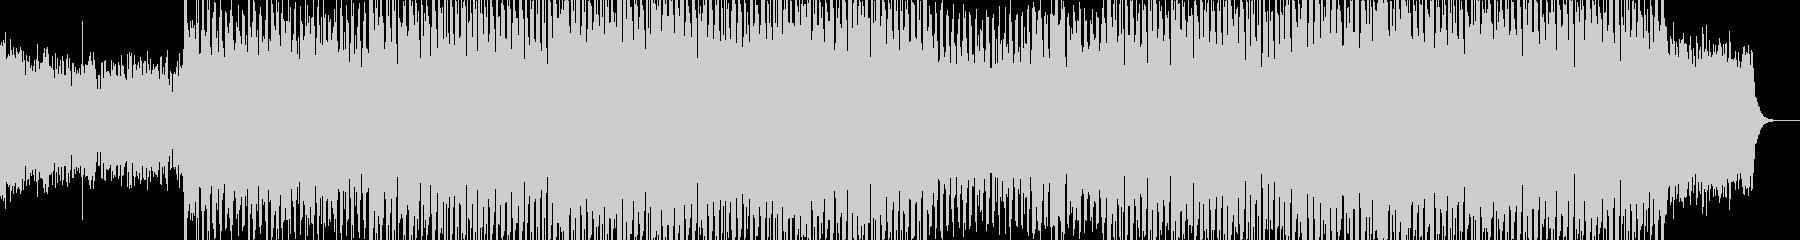 EDMクラブ系ダンスミュージック-117の未再生の波形